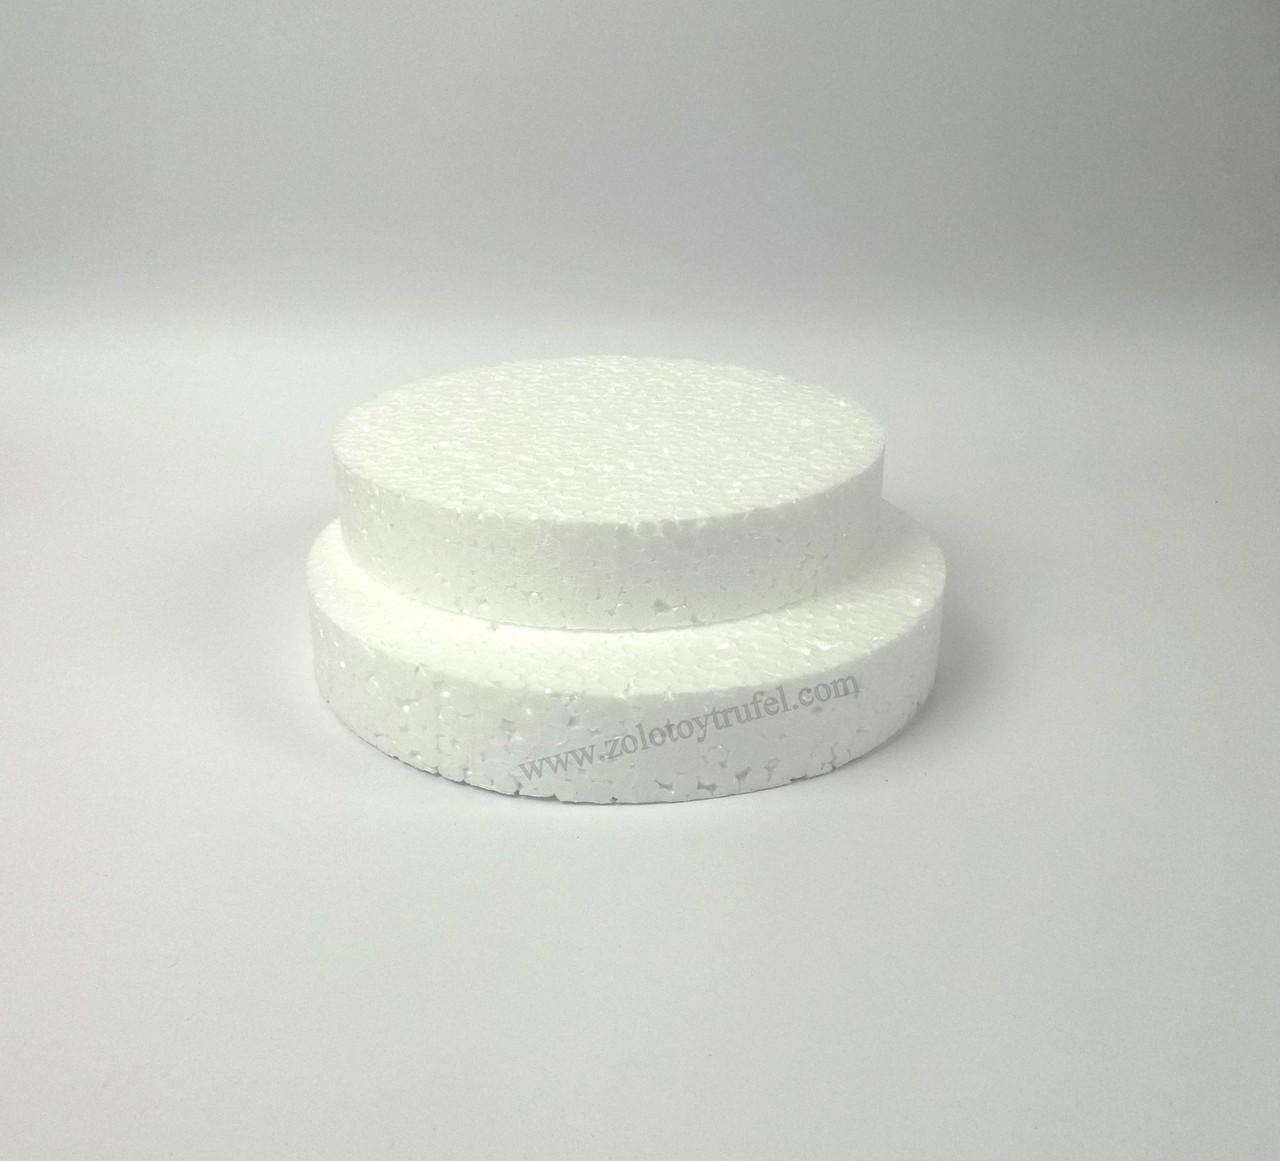 Прослойки пенопластовые для торта d 28 см h 3 см